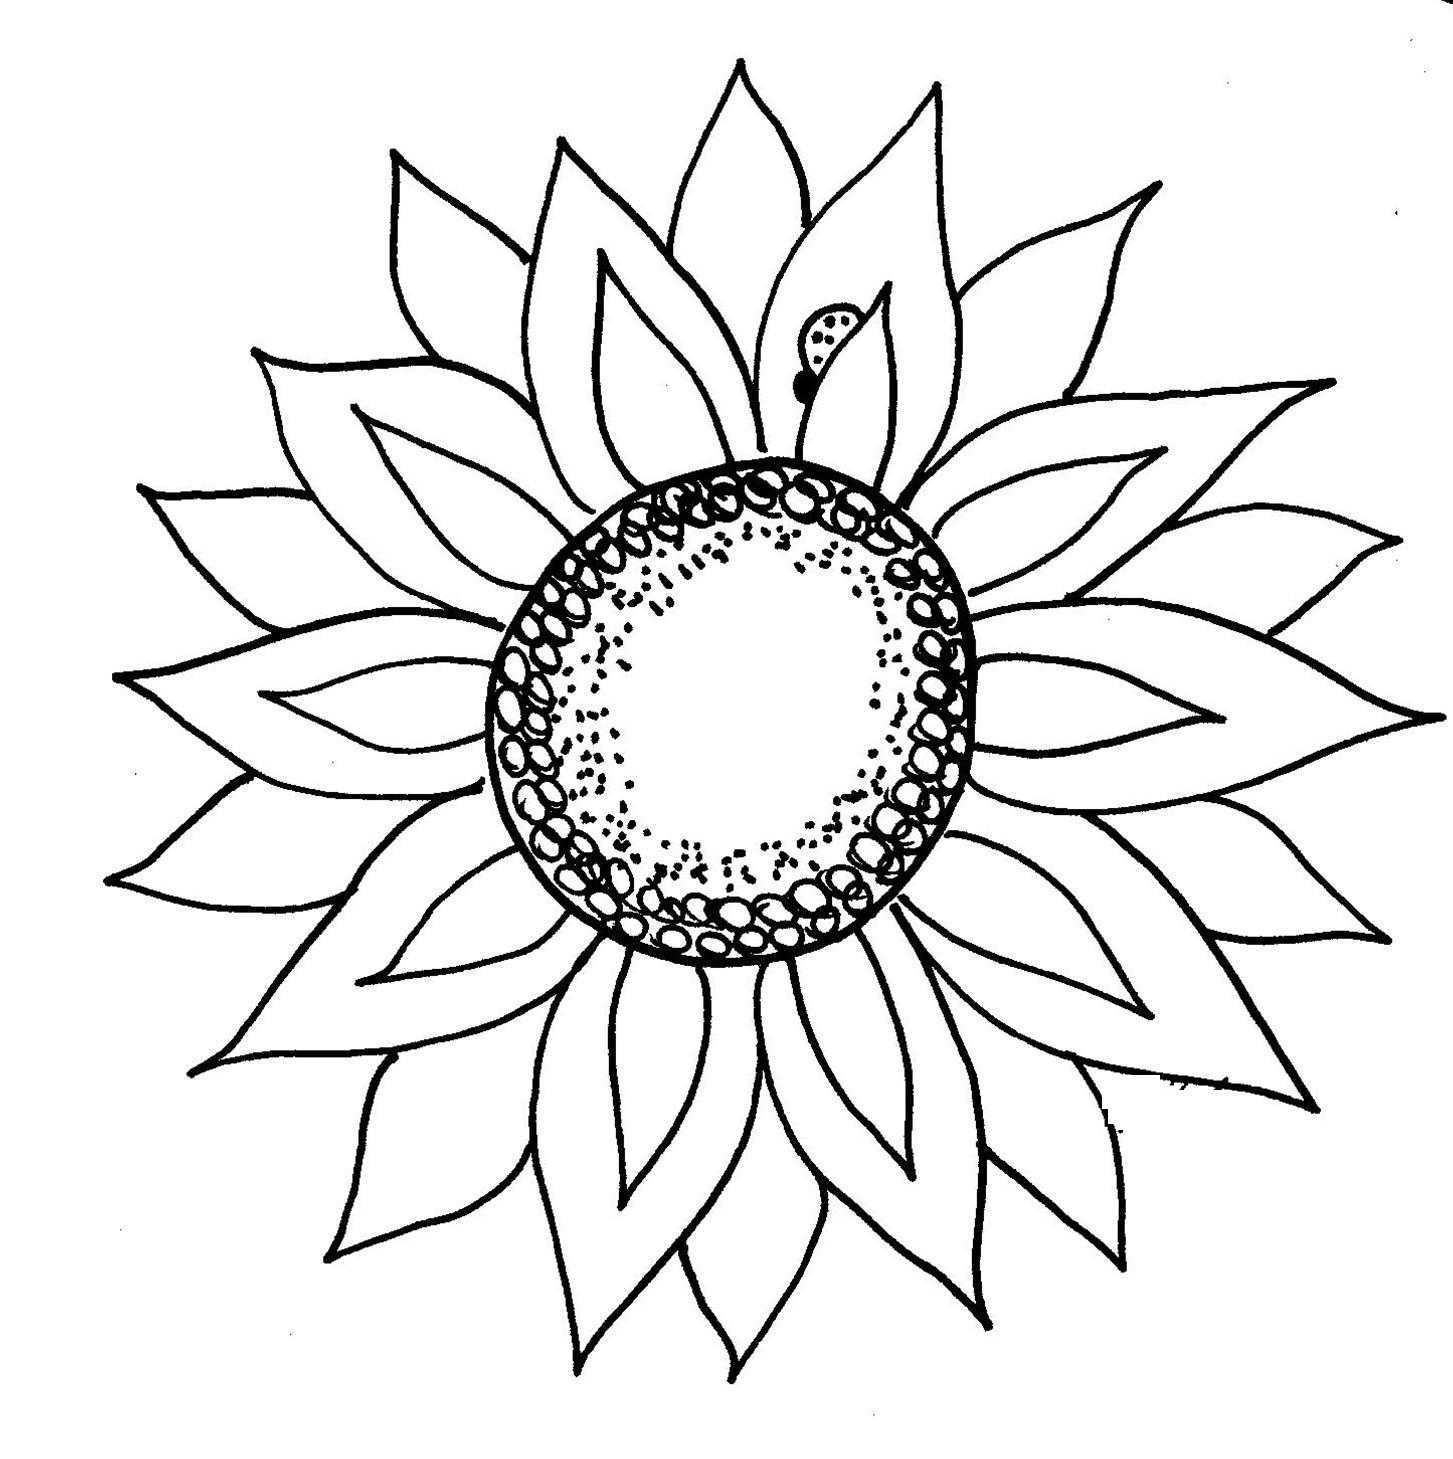 1453x1459 Black White Sunflower Drawing Sunflower Clipart Black